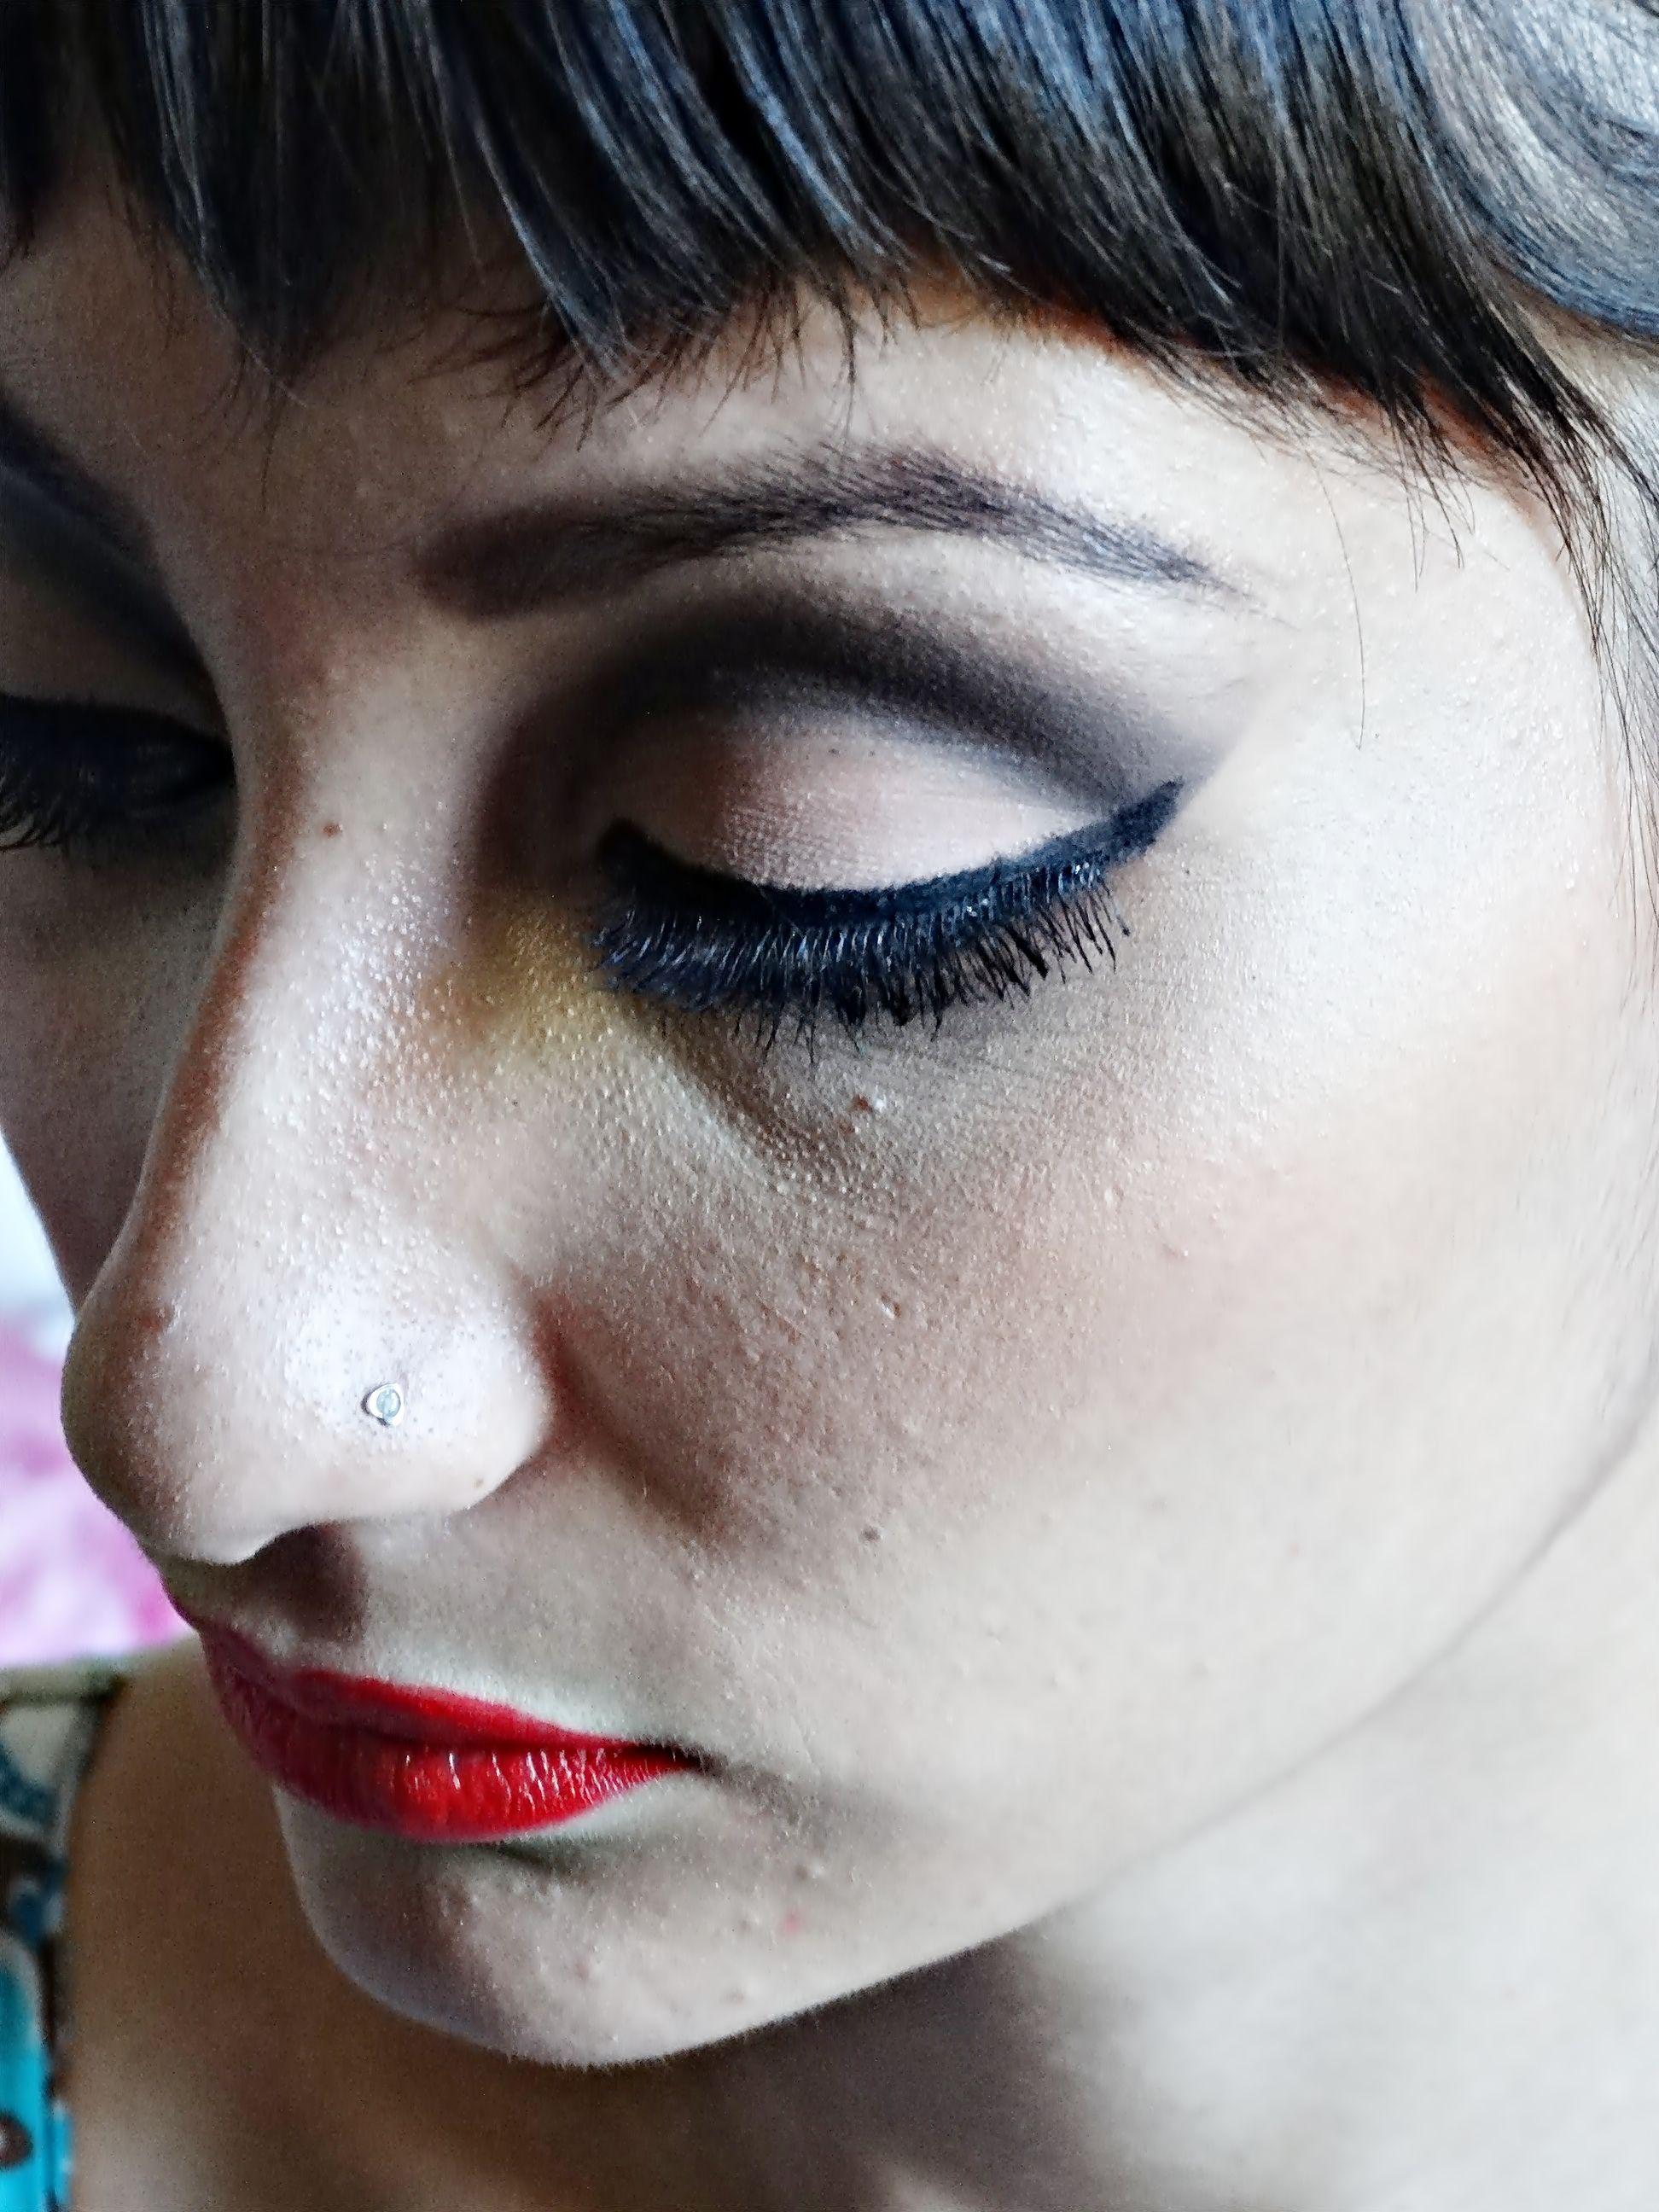 Ensaio Sentimentos a Flor da Pele. Beauty e Foto: Evelyn Silva. 2014